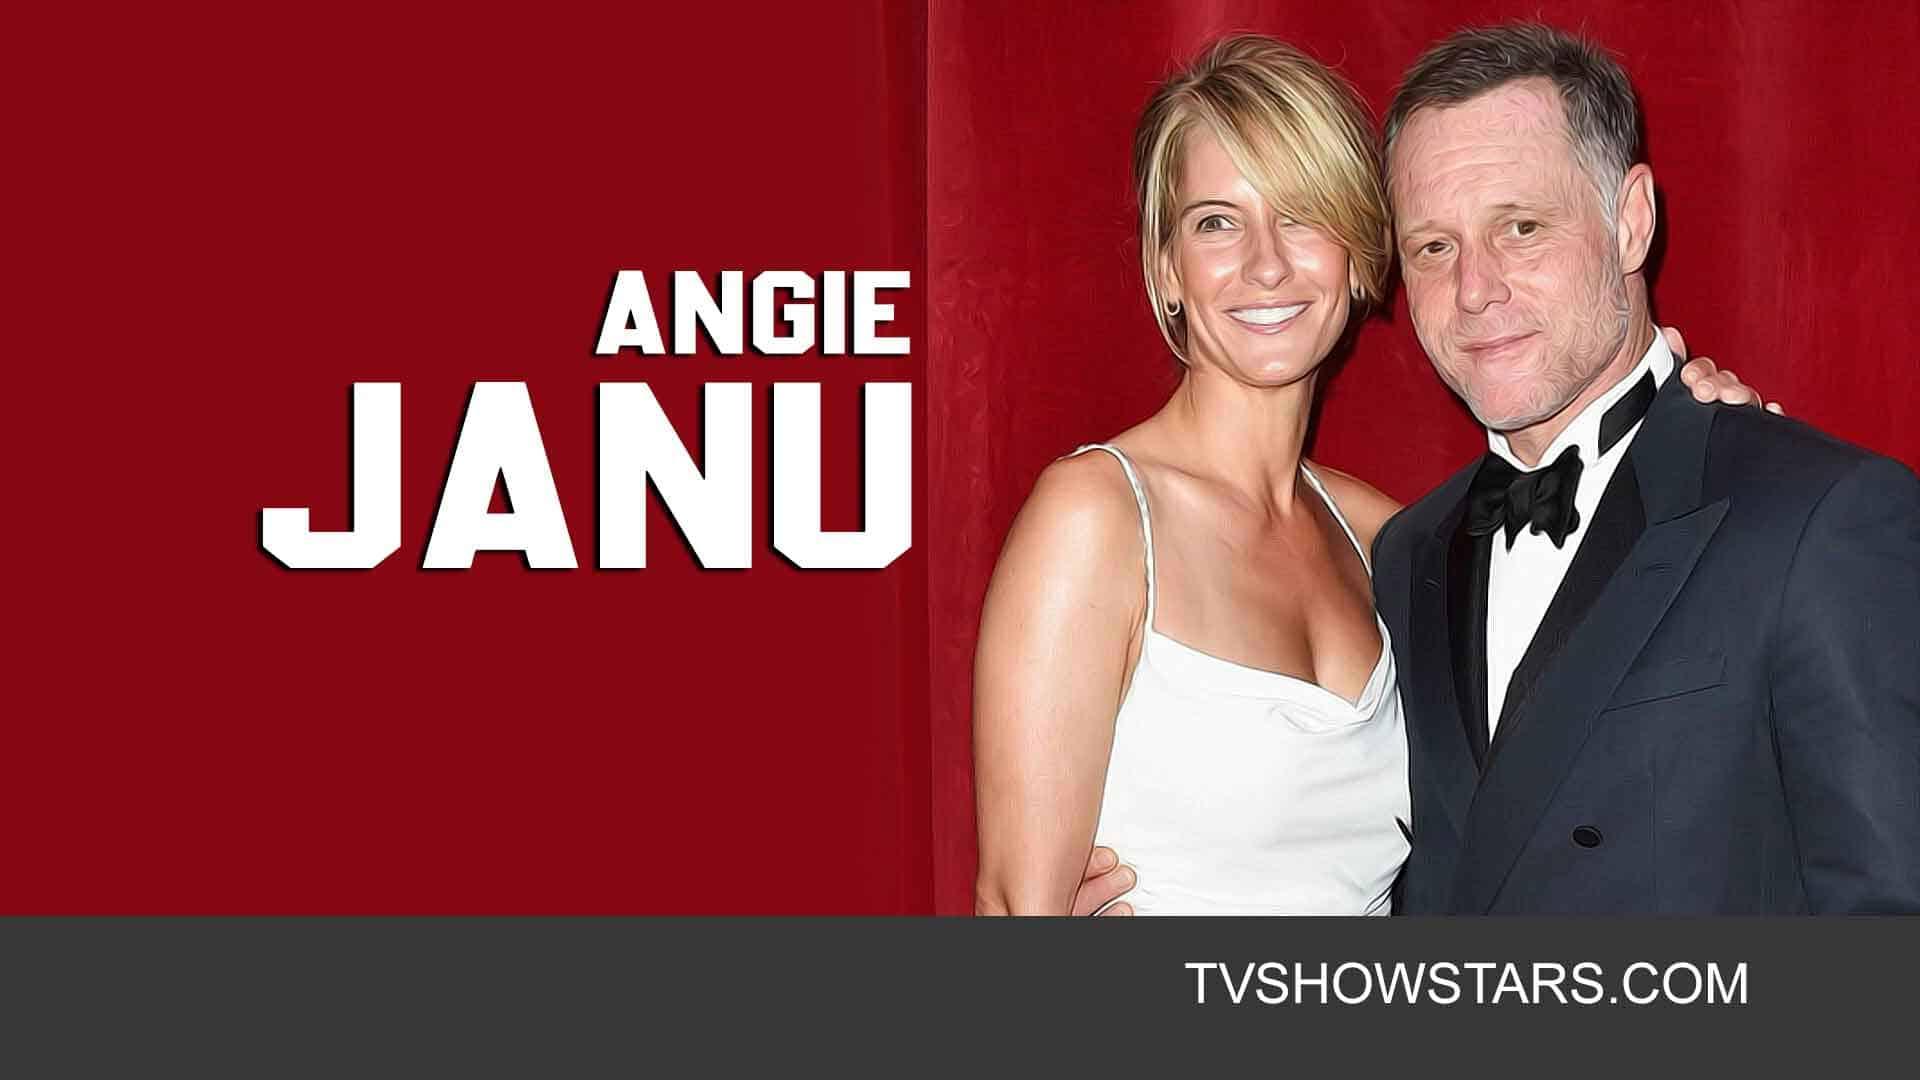 Angie Janu